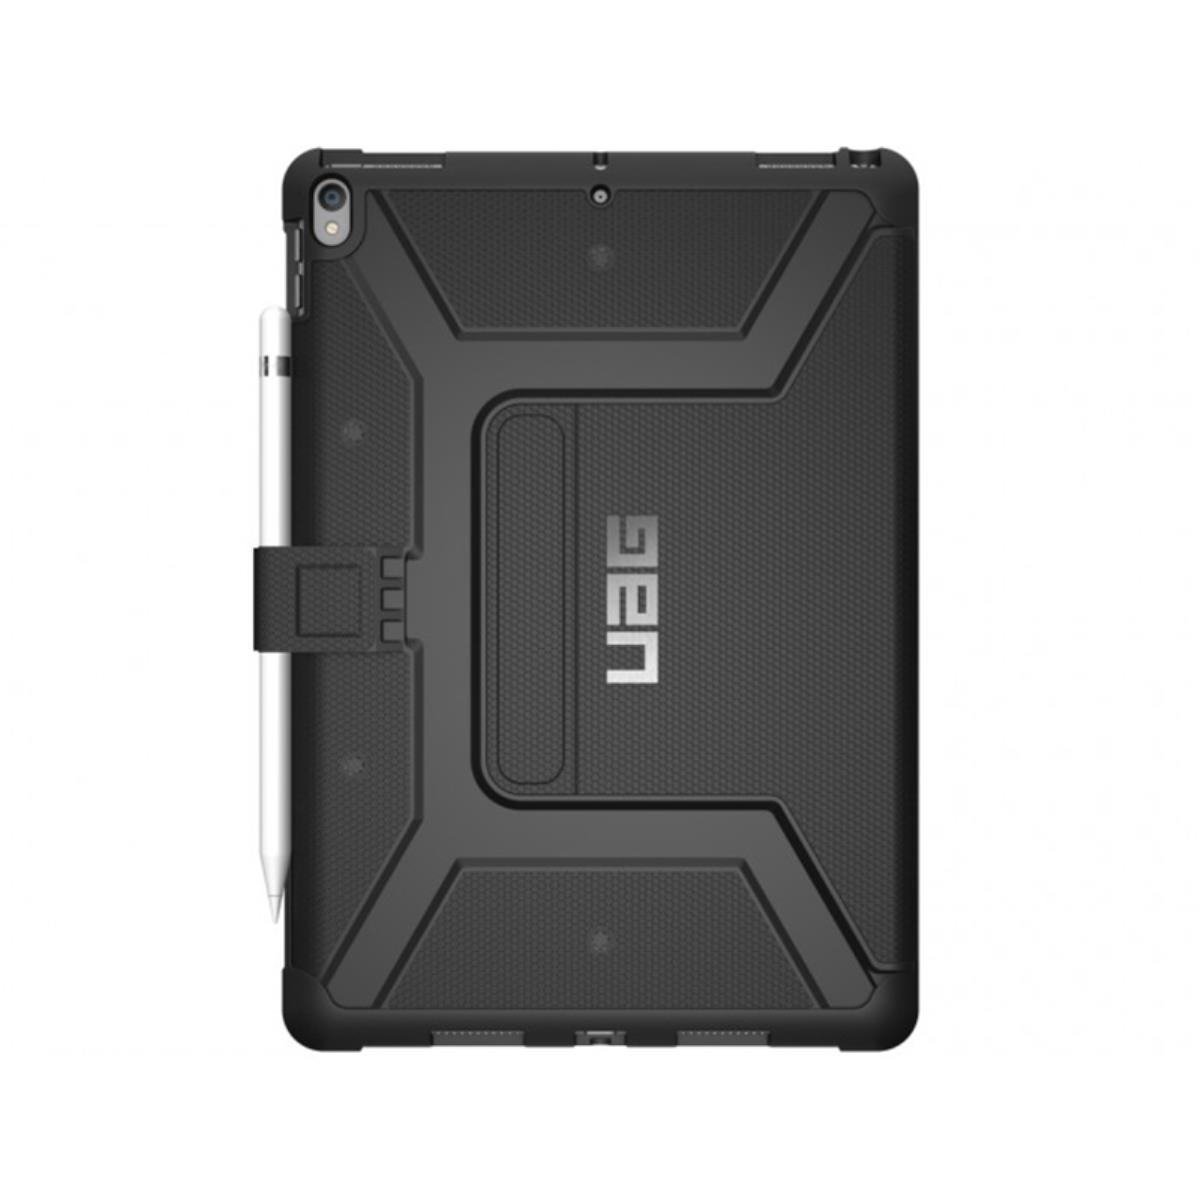 HUAWEI MATE 10 LITE 64GB/4GB DUAL SIM PRETO